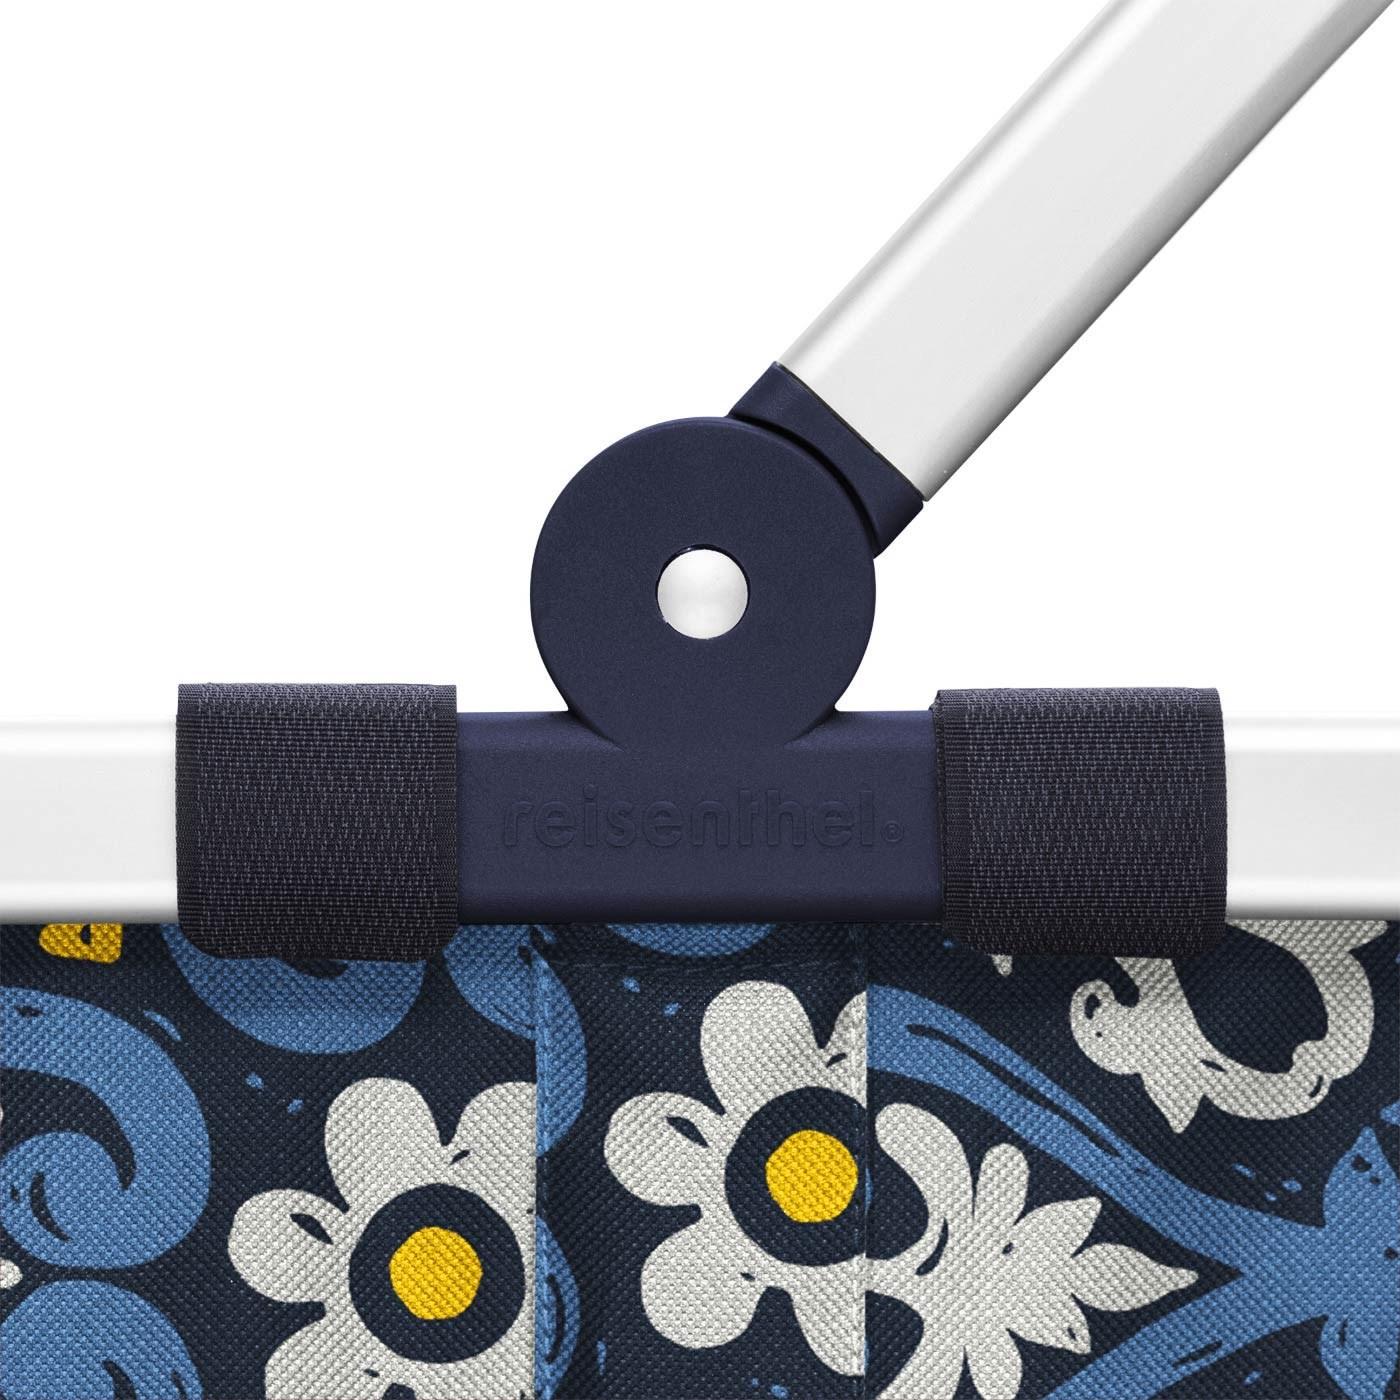 Nákupní košík Carrybag floral 1_1